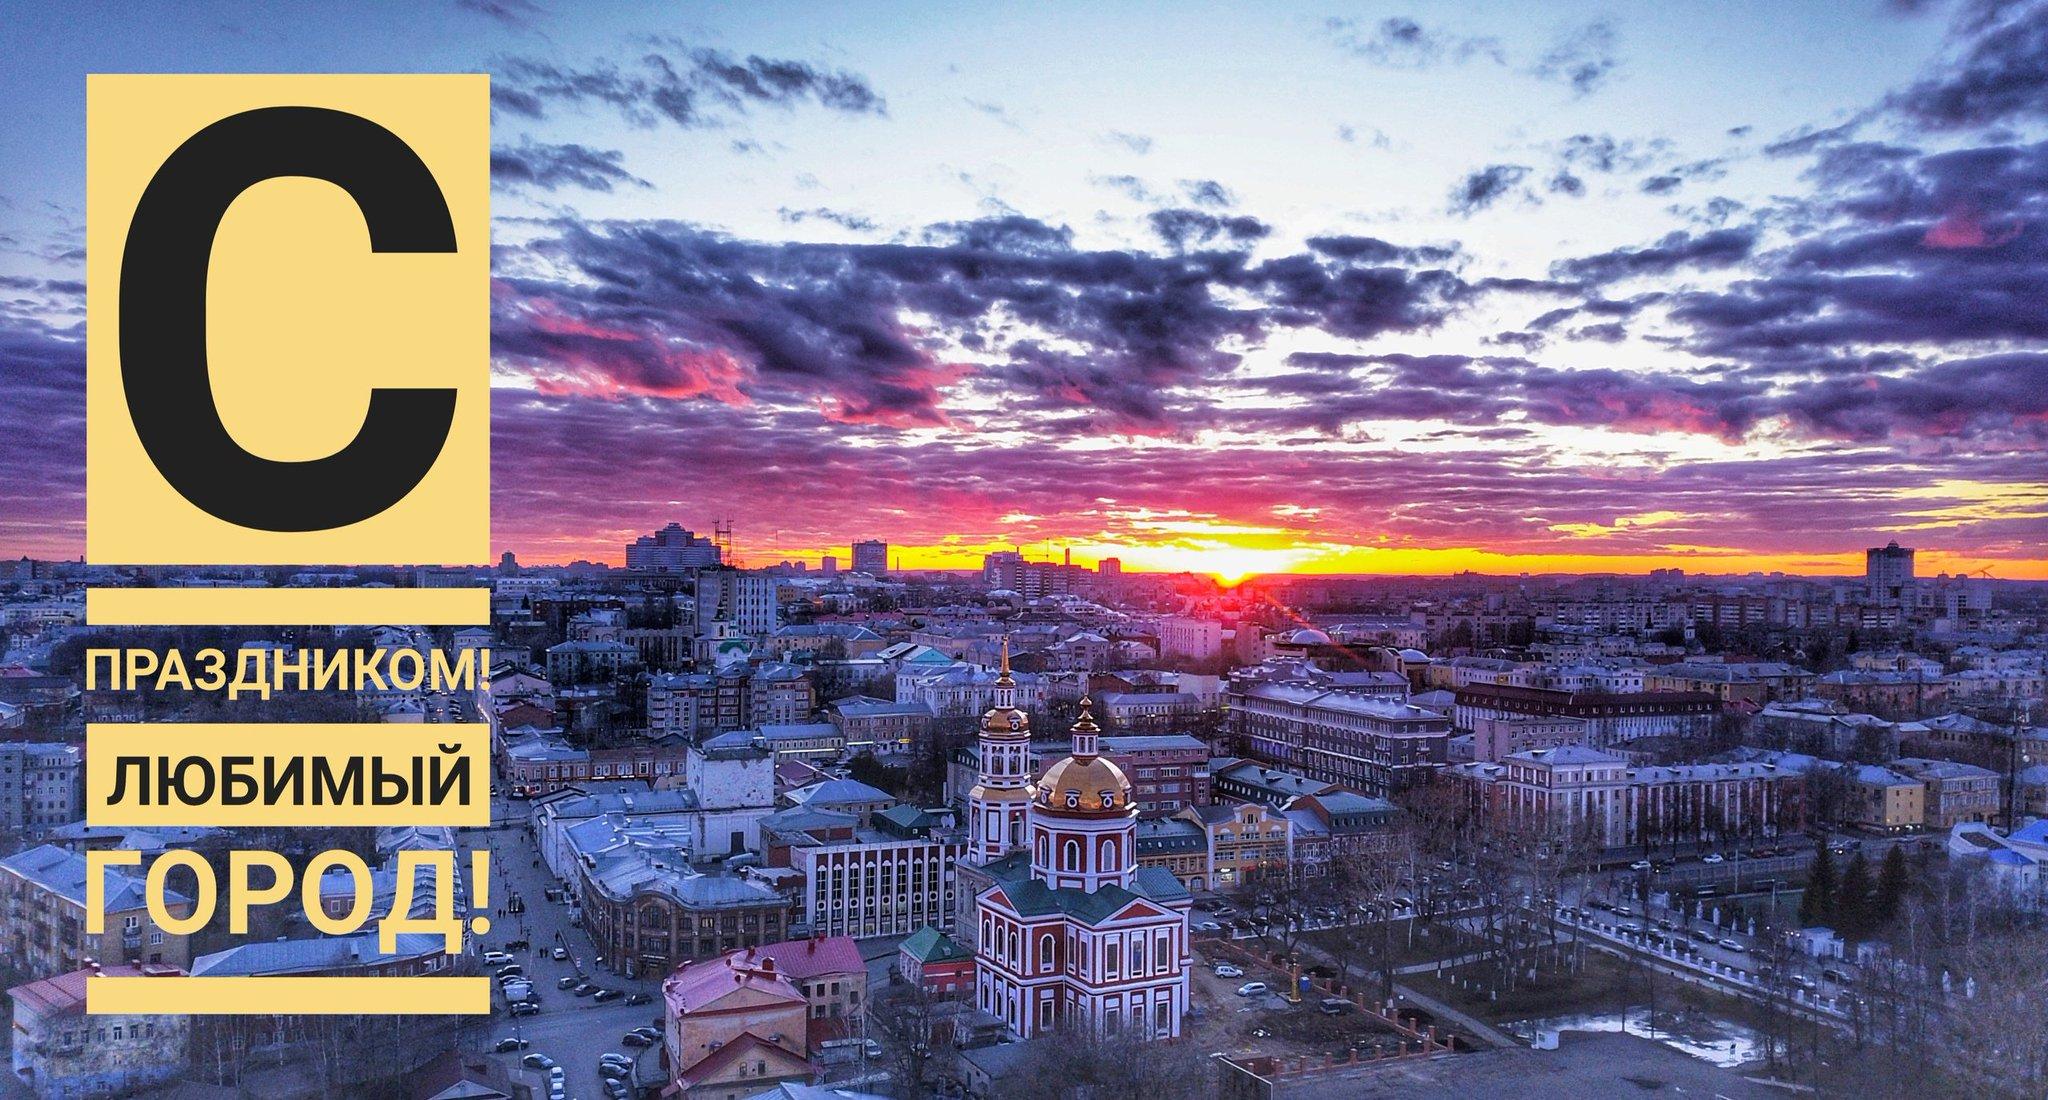 Крутые картинки, картинки с праздником любимый город